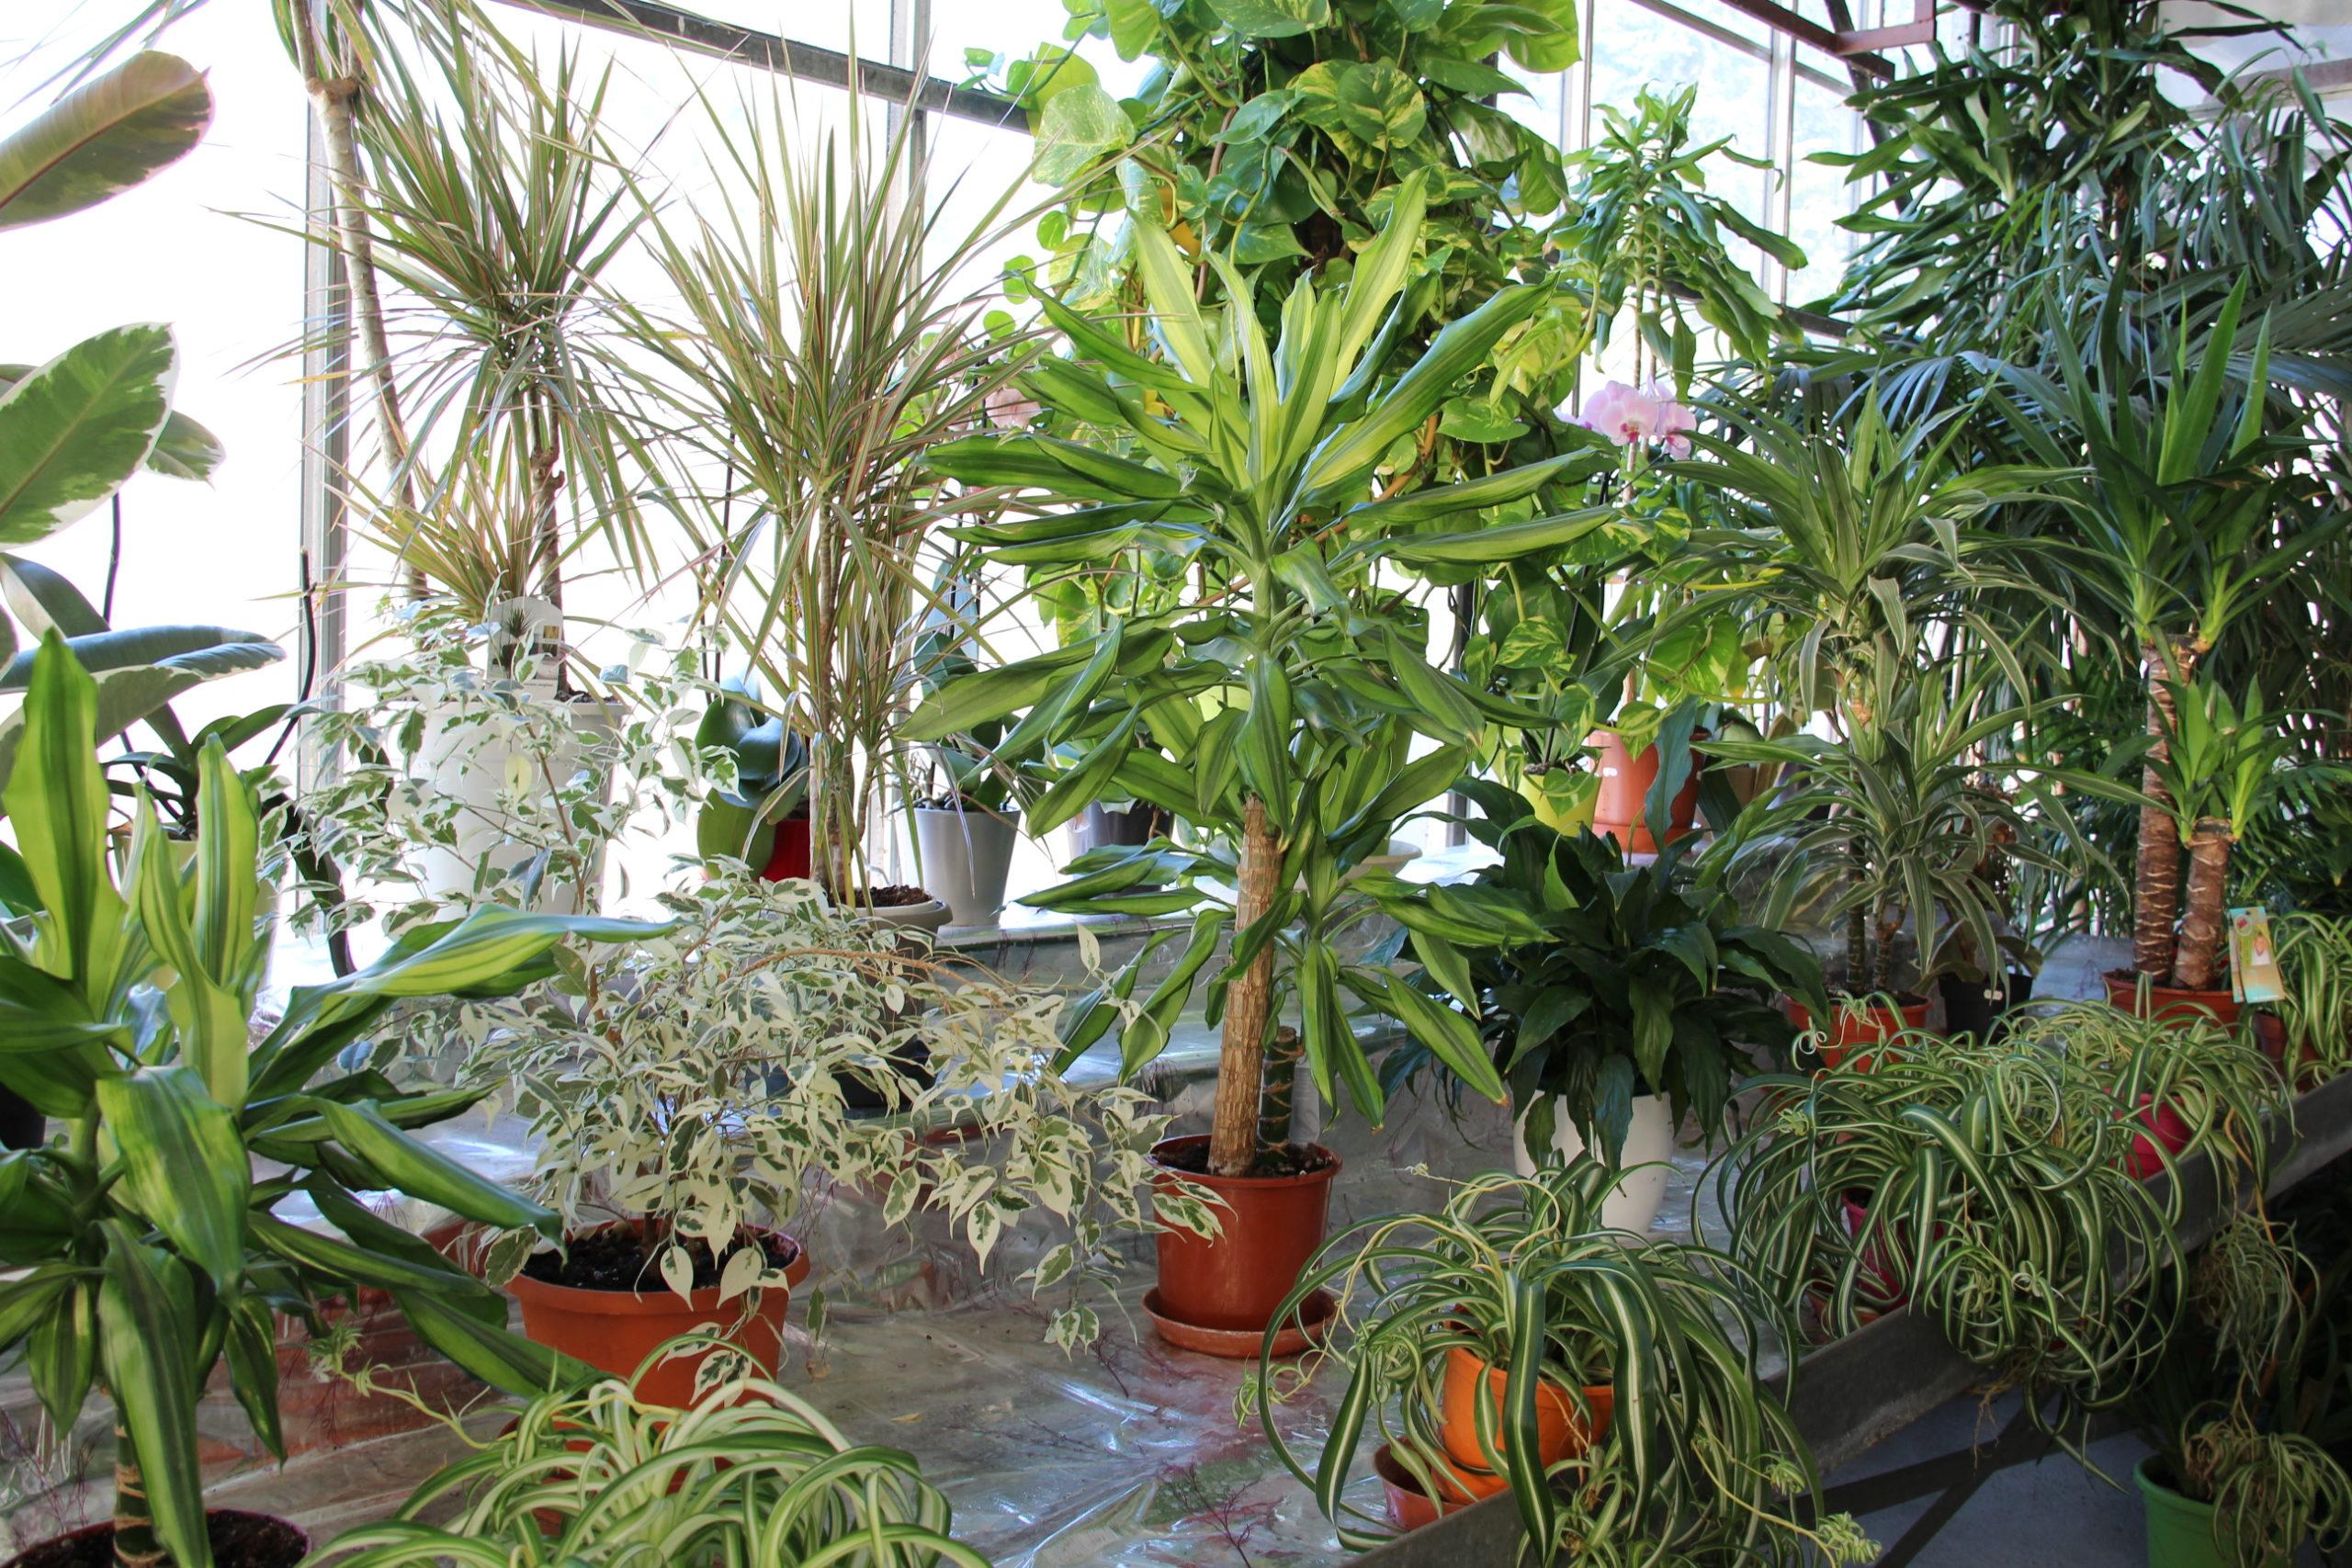 Plantes présentes dans la serre à plantes vertes